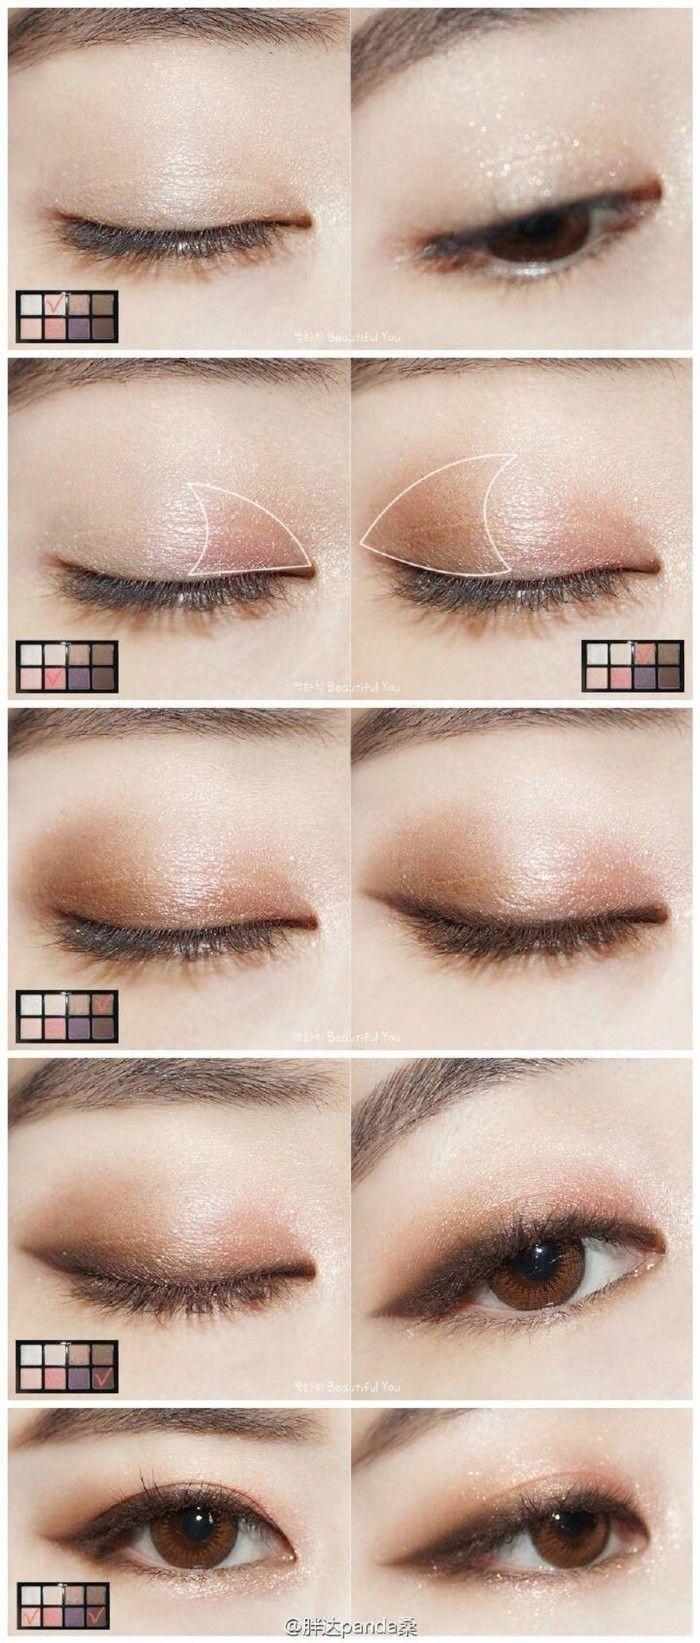 Natural Makeup Look Eyeshadow Asianmakeup Trik Makeup Riasan